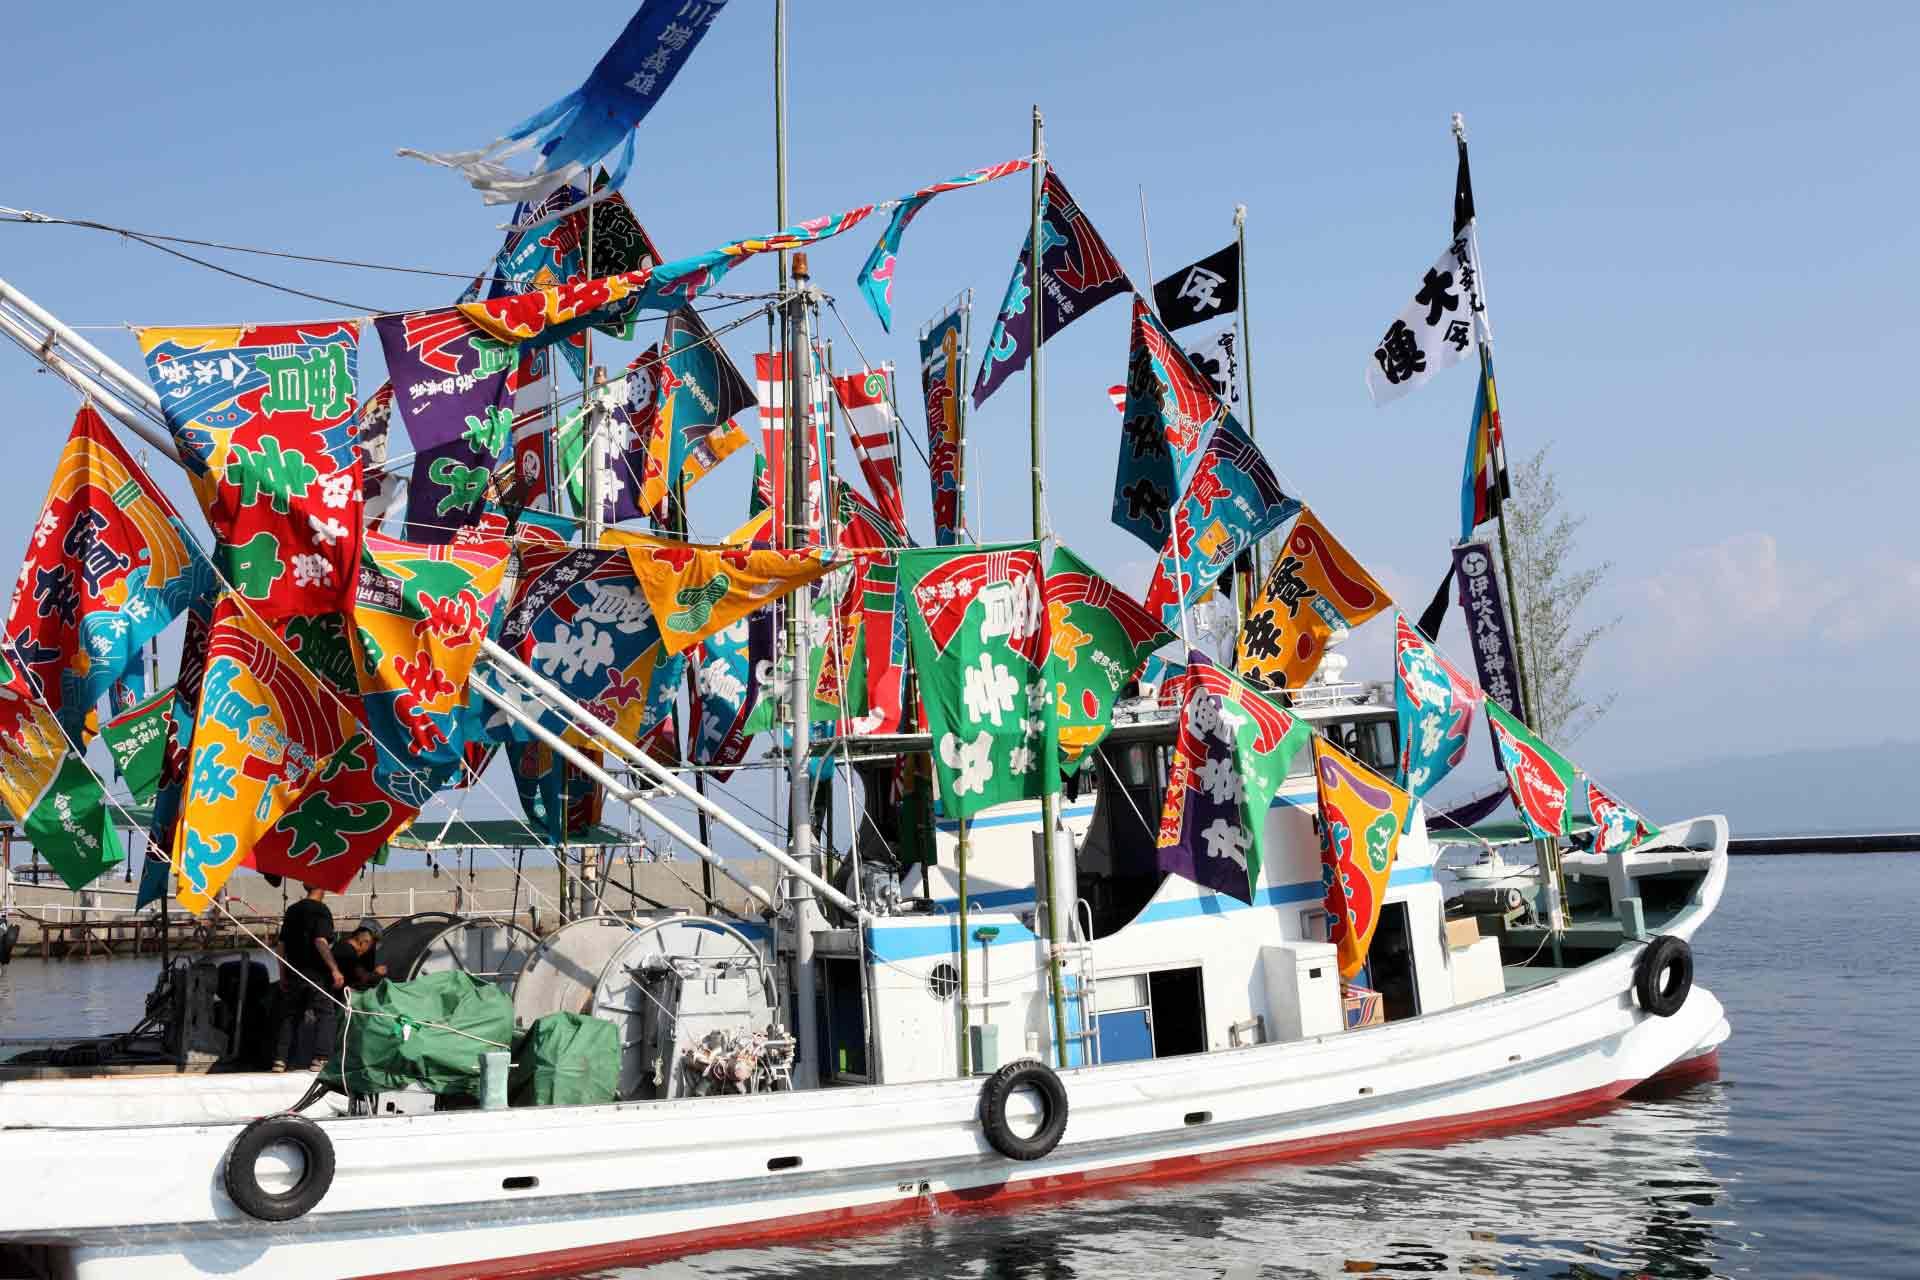 大漁旗を掲げた船の様子